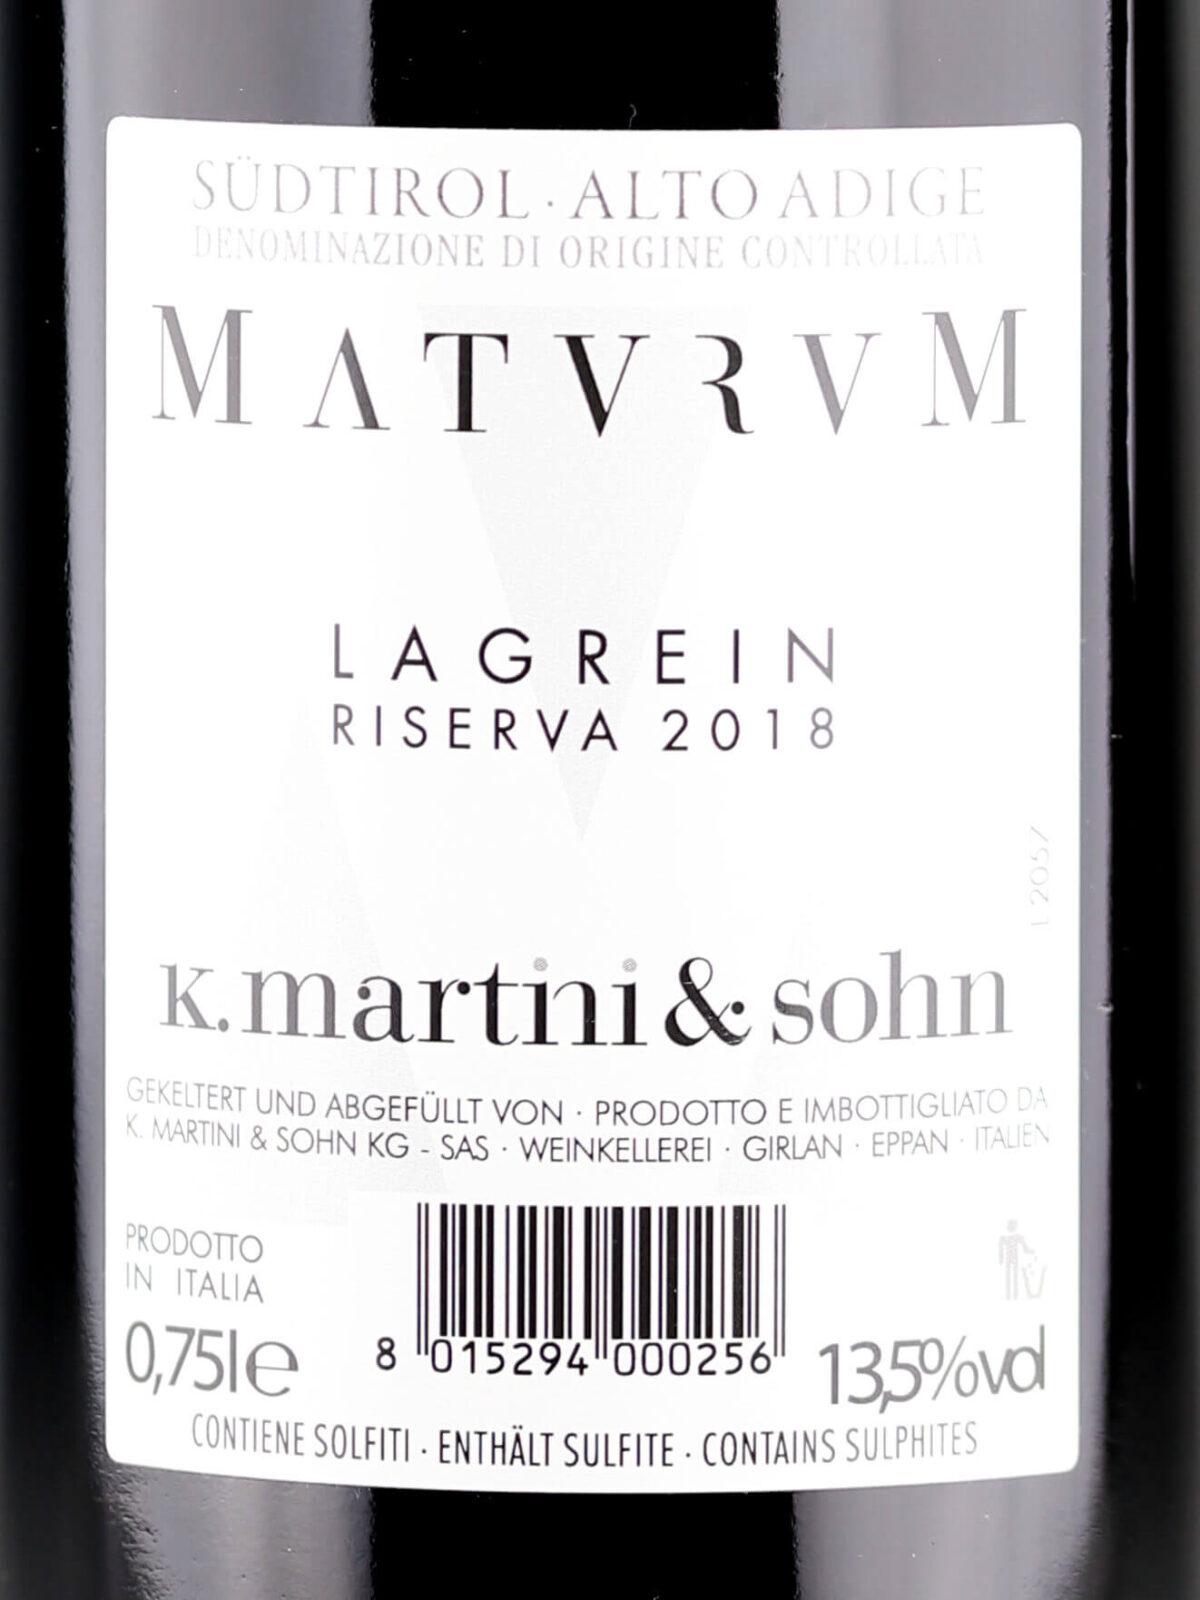 Back label - K.Martini & Sohn Maturum Lagrein Riserva 2018 Alto Adige DOC